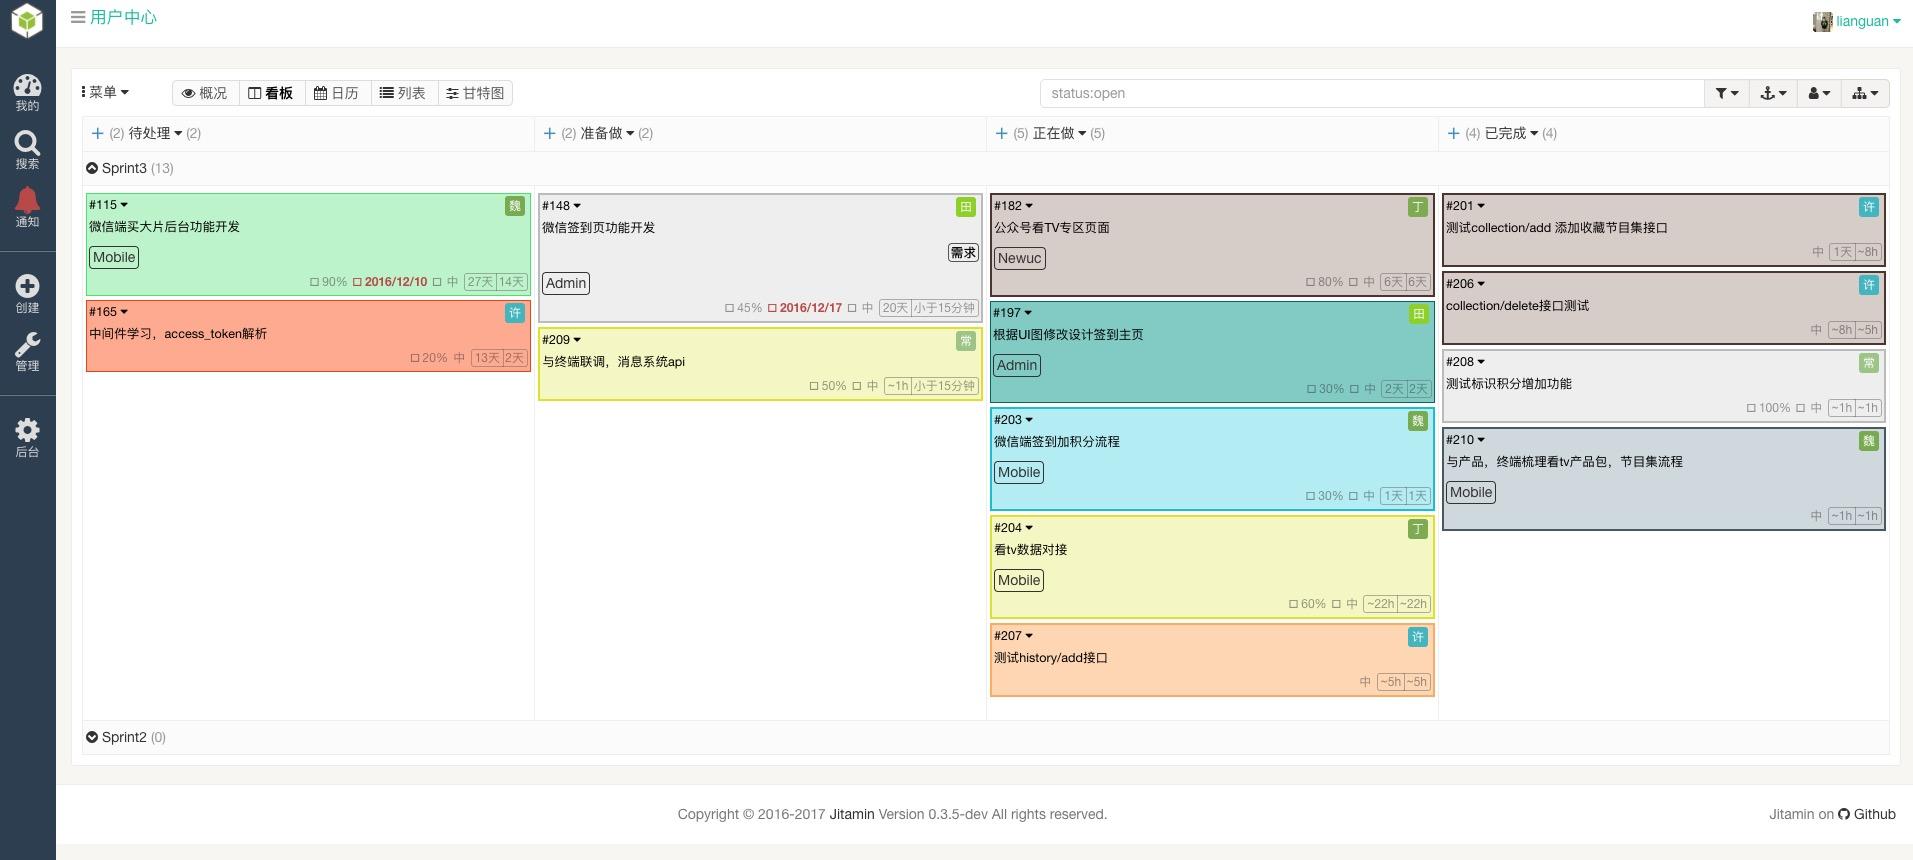 开源项目管理系统 Jitamin